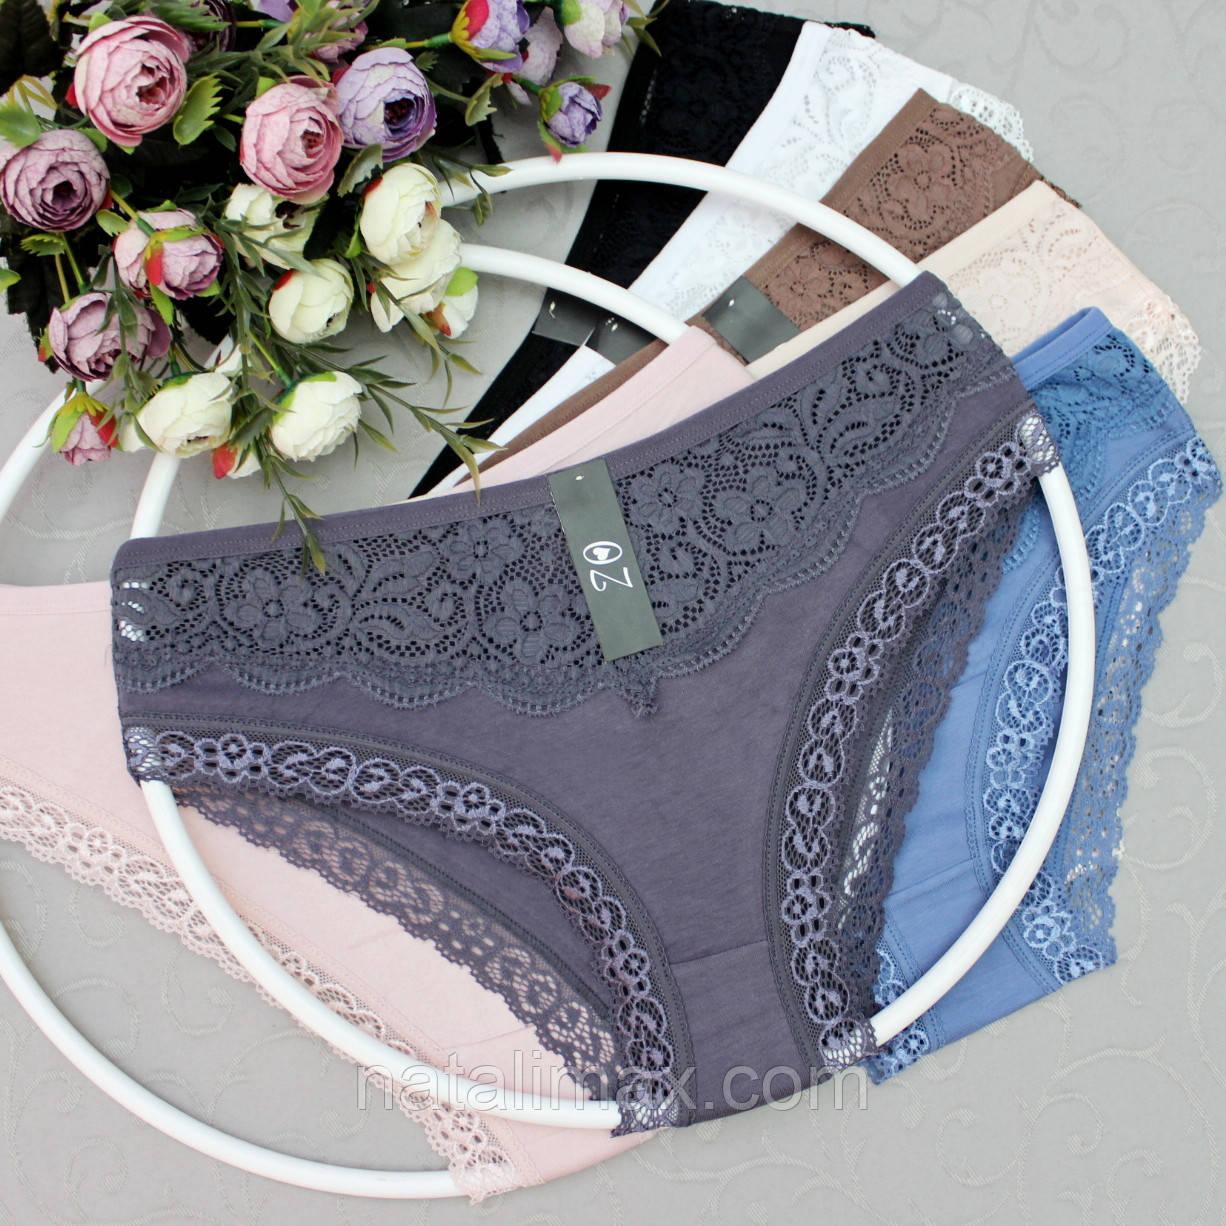 Магазин качественного женского белья нижние белье женское панталоны